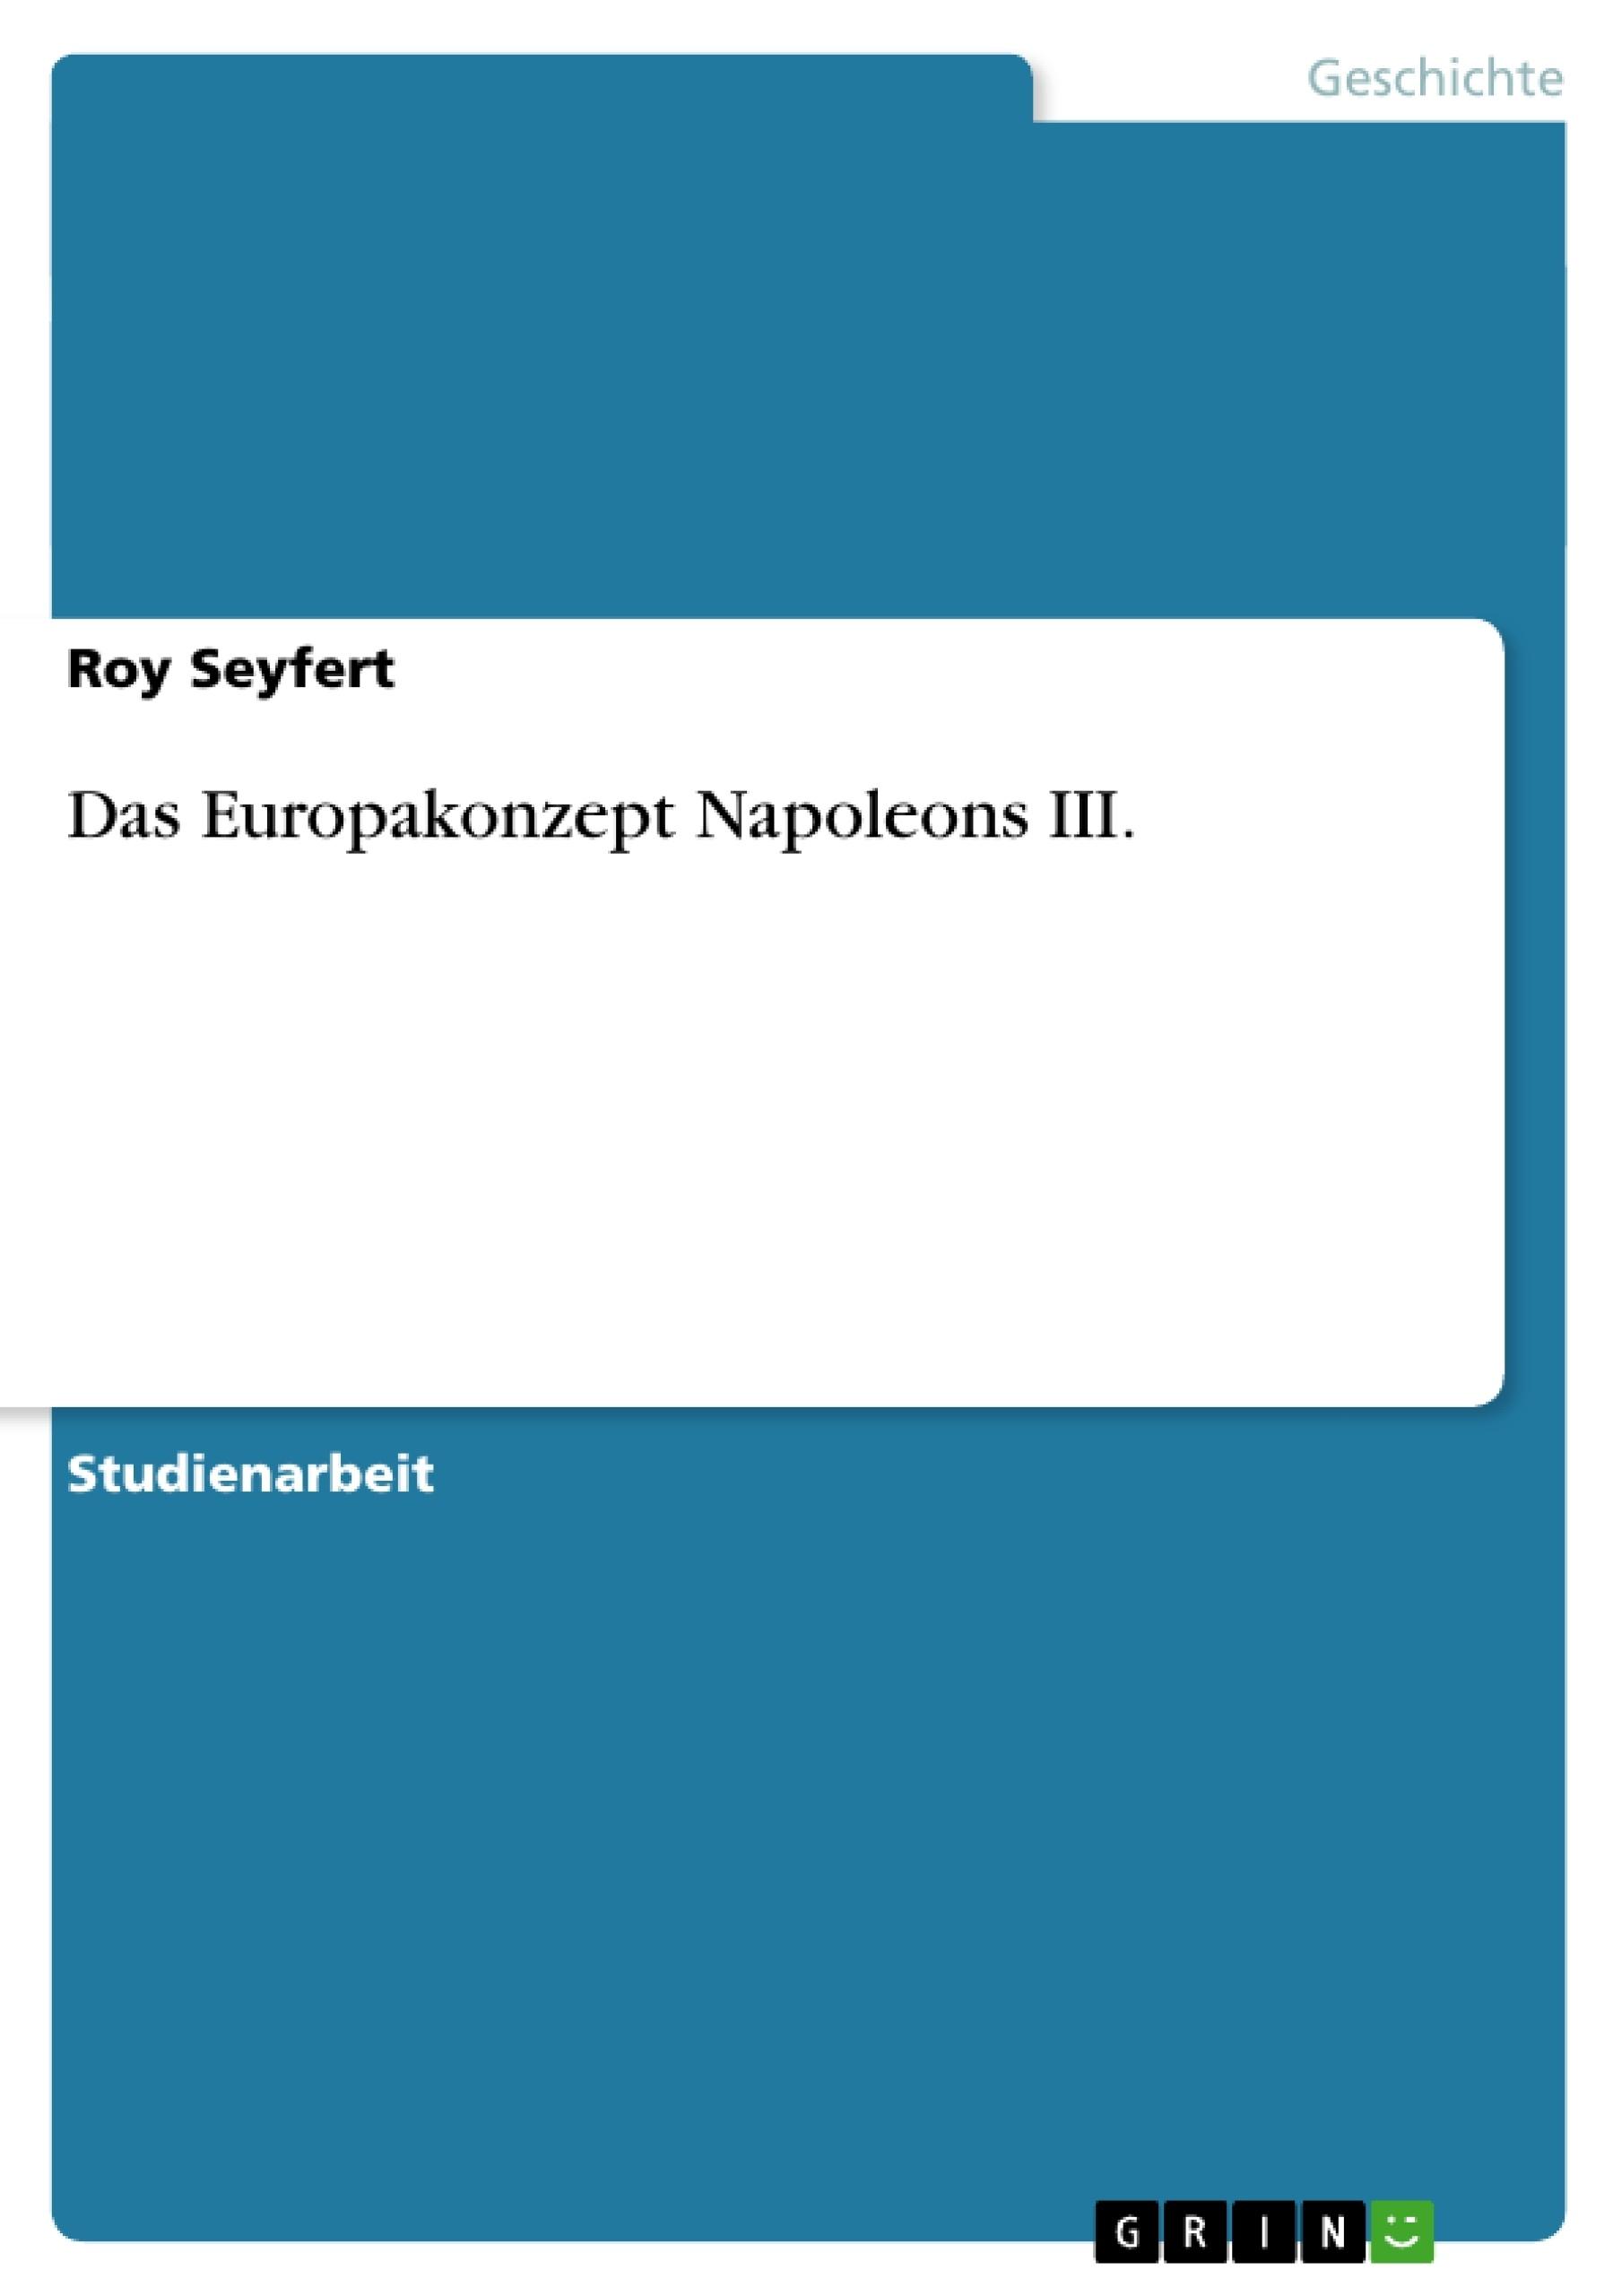 Titel: Das Europakonzept Napoleons III.